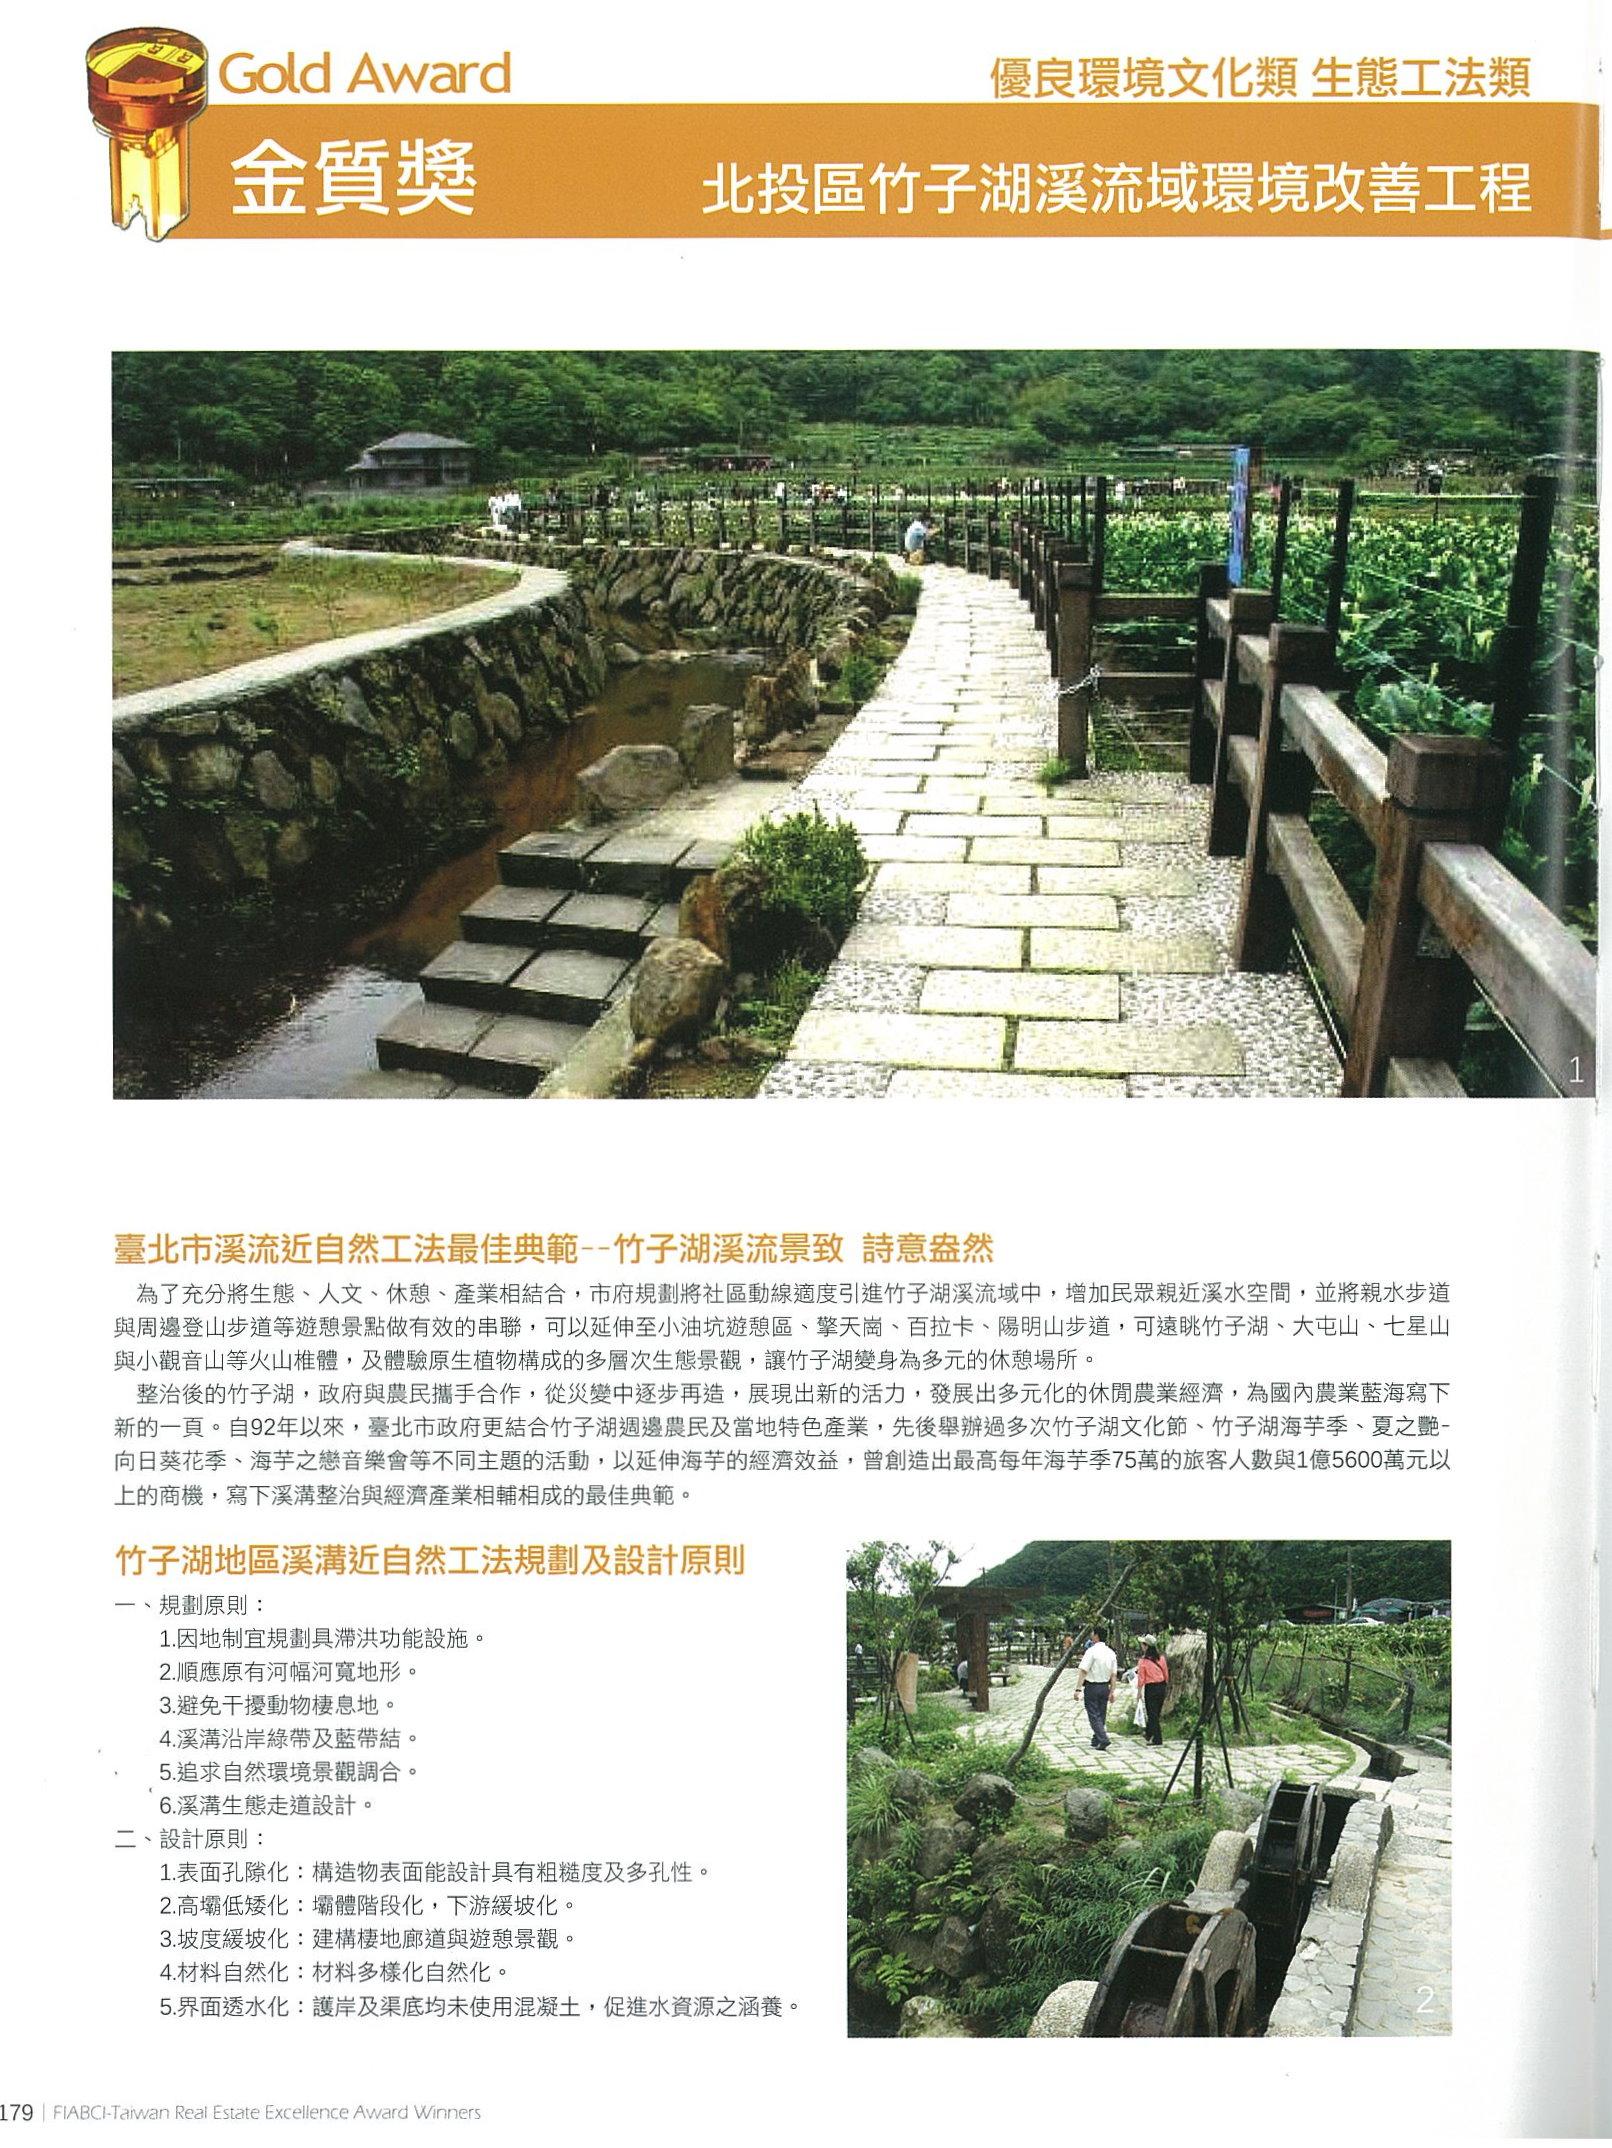 2011國家卓越建設獎-竹子湖